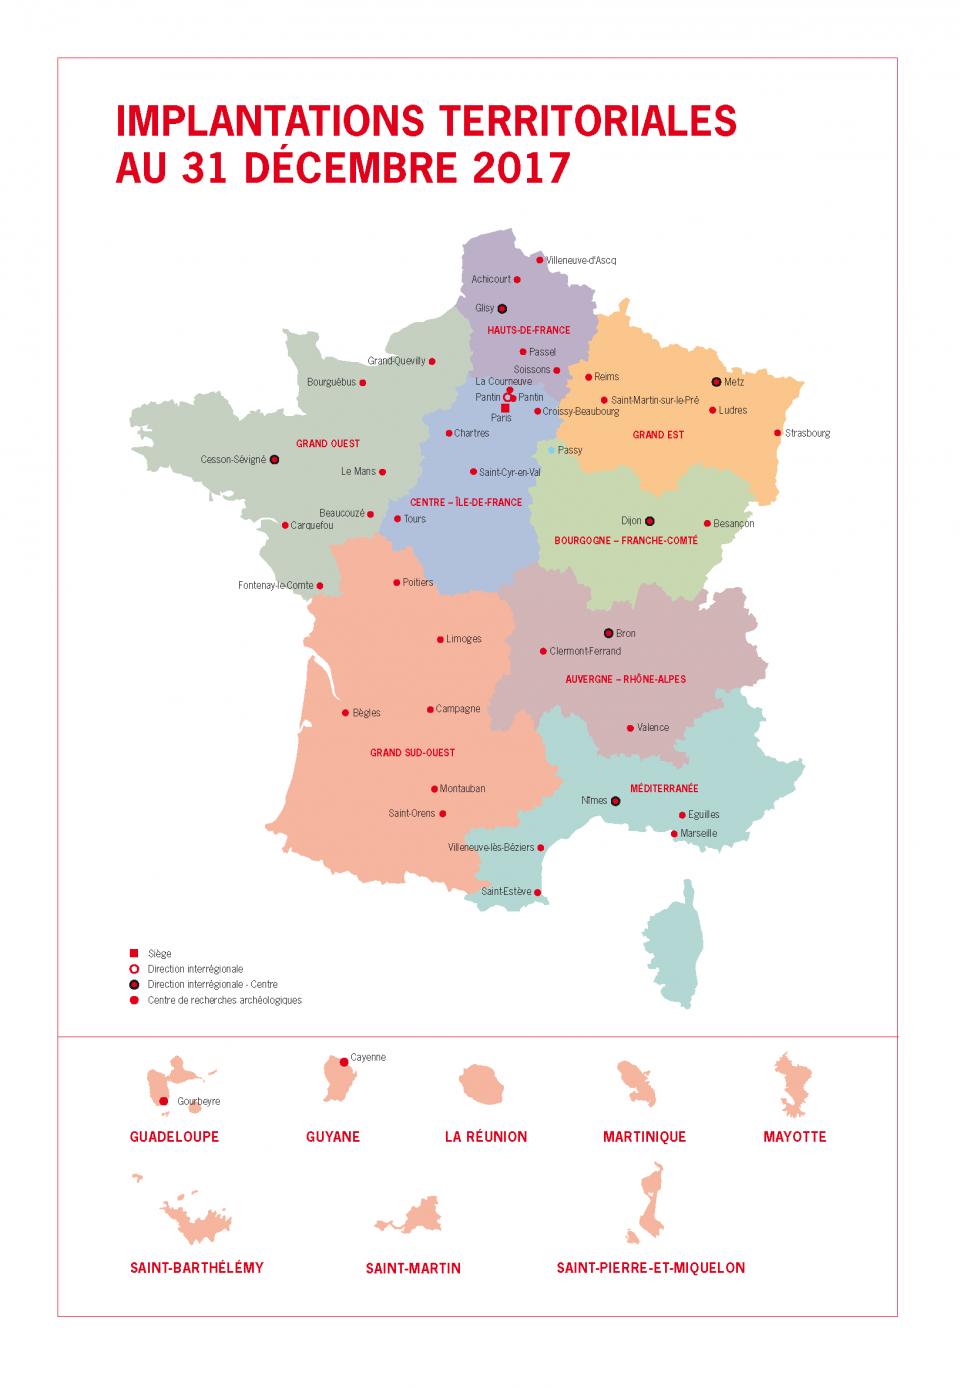 Carte des implantations territoriales de l'Inrap au 31 décembre 2017